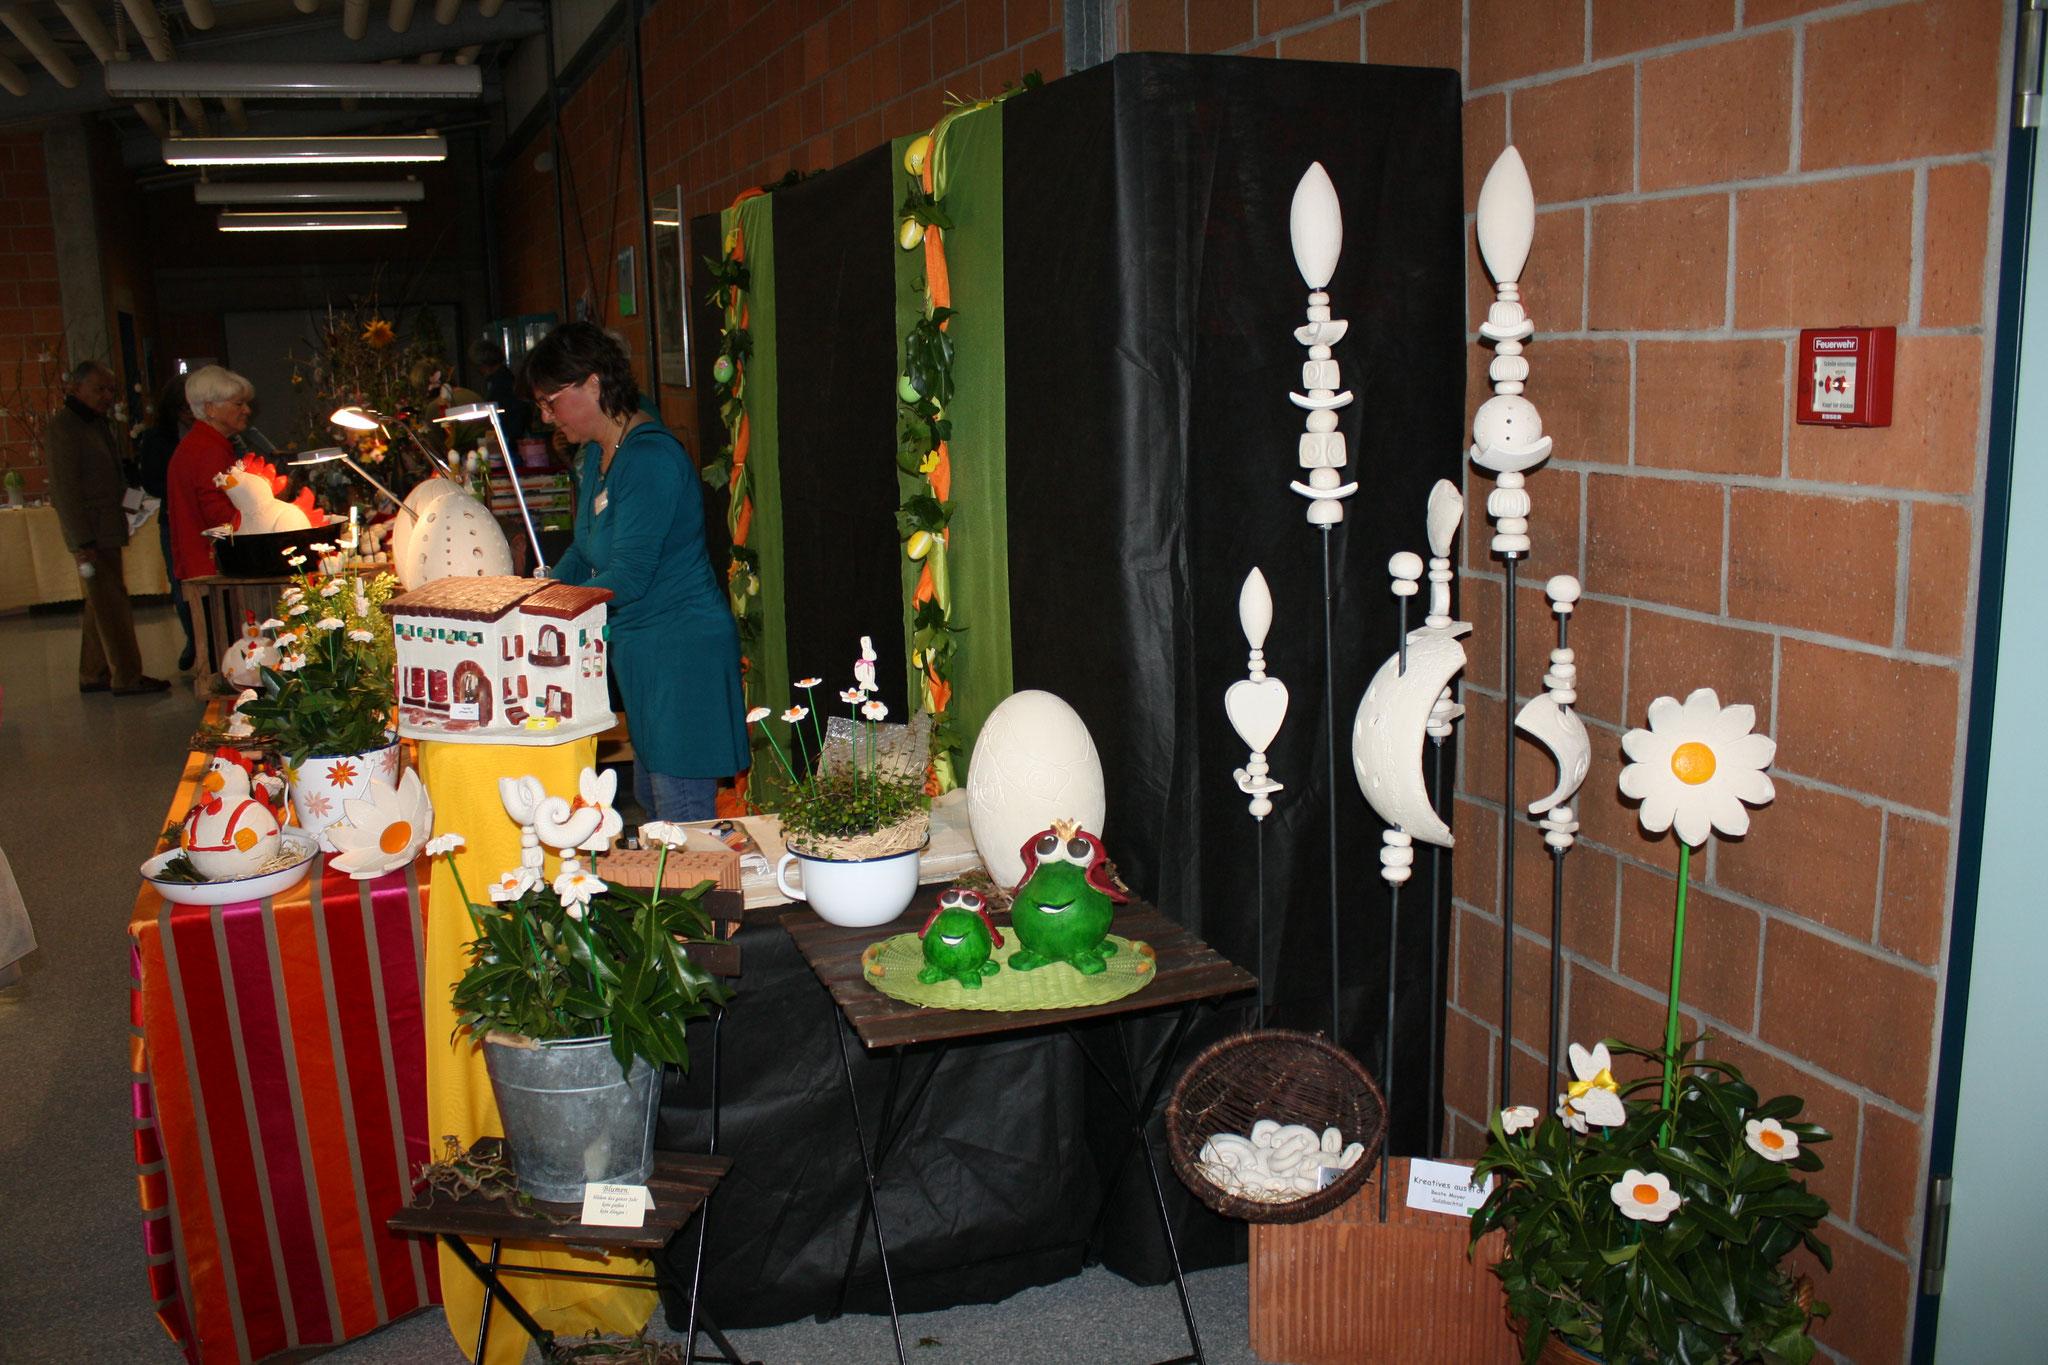 Frau Kühne mit filigranen Kratzarbeiten auf dem Ei